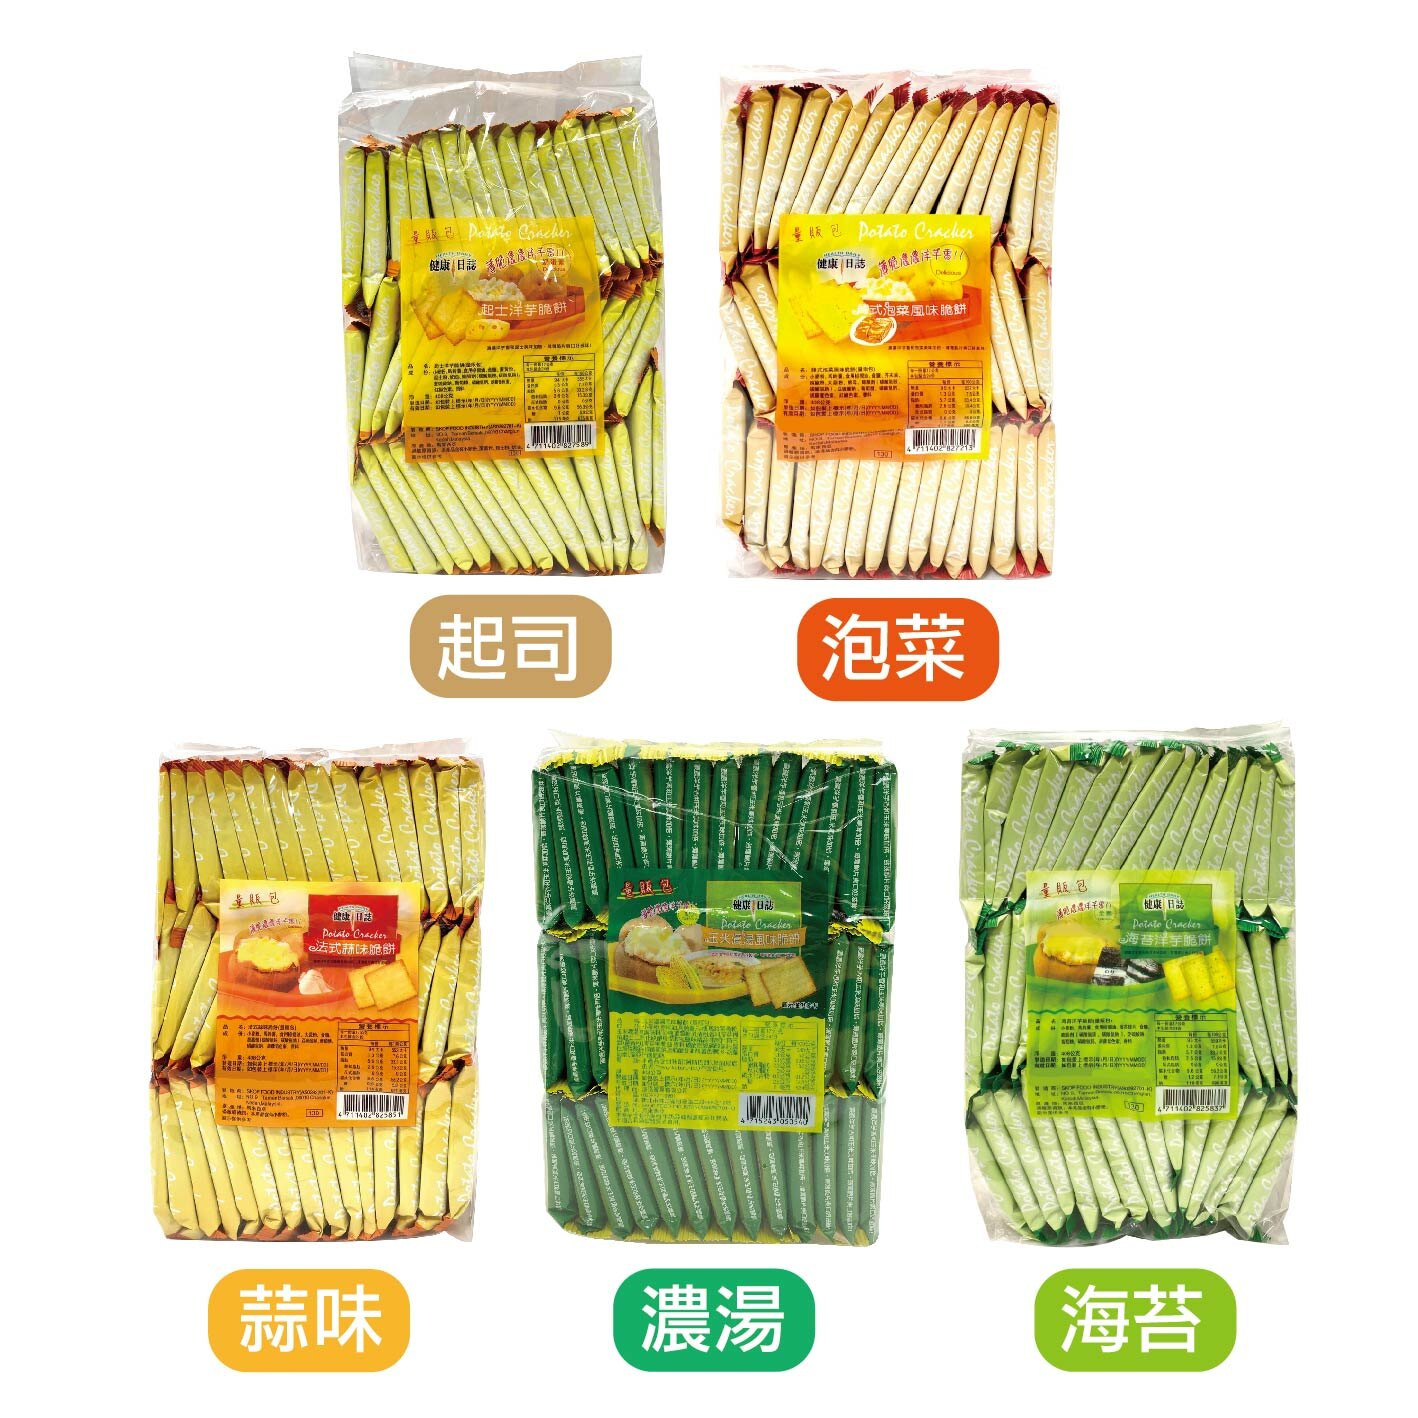 馬來西亞 健康日誌 量販包 洋芋脆餅 海苔/蒜味/泡菜/起士/濃湯 408g  餅乾